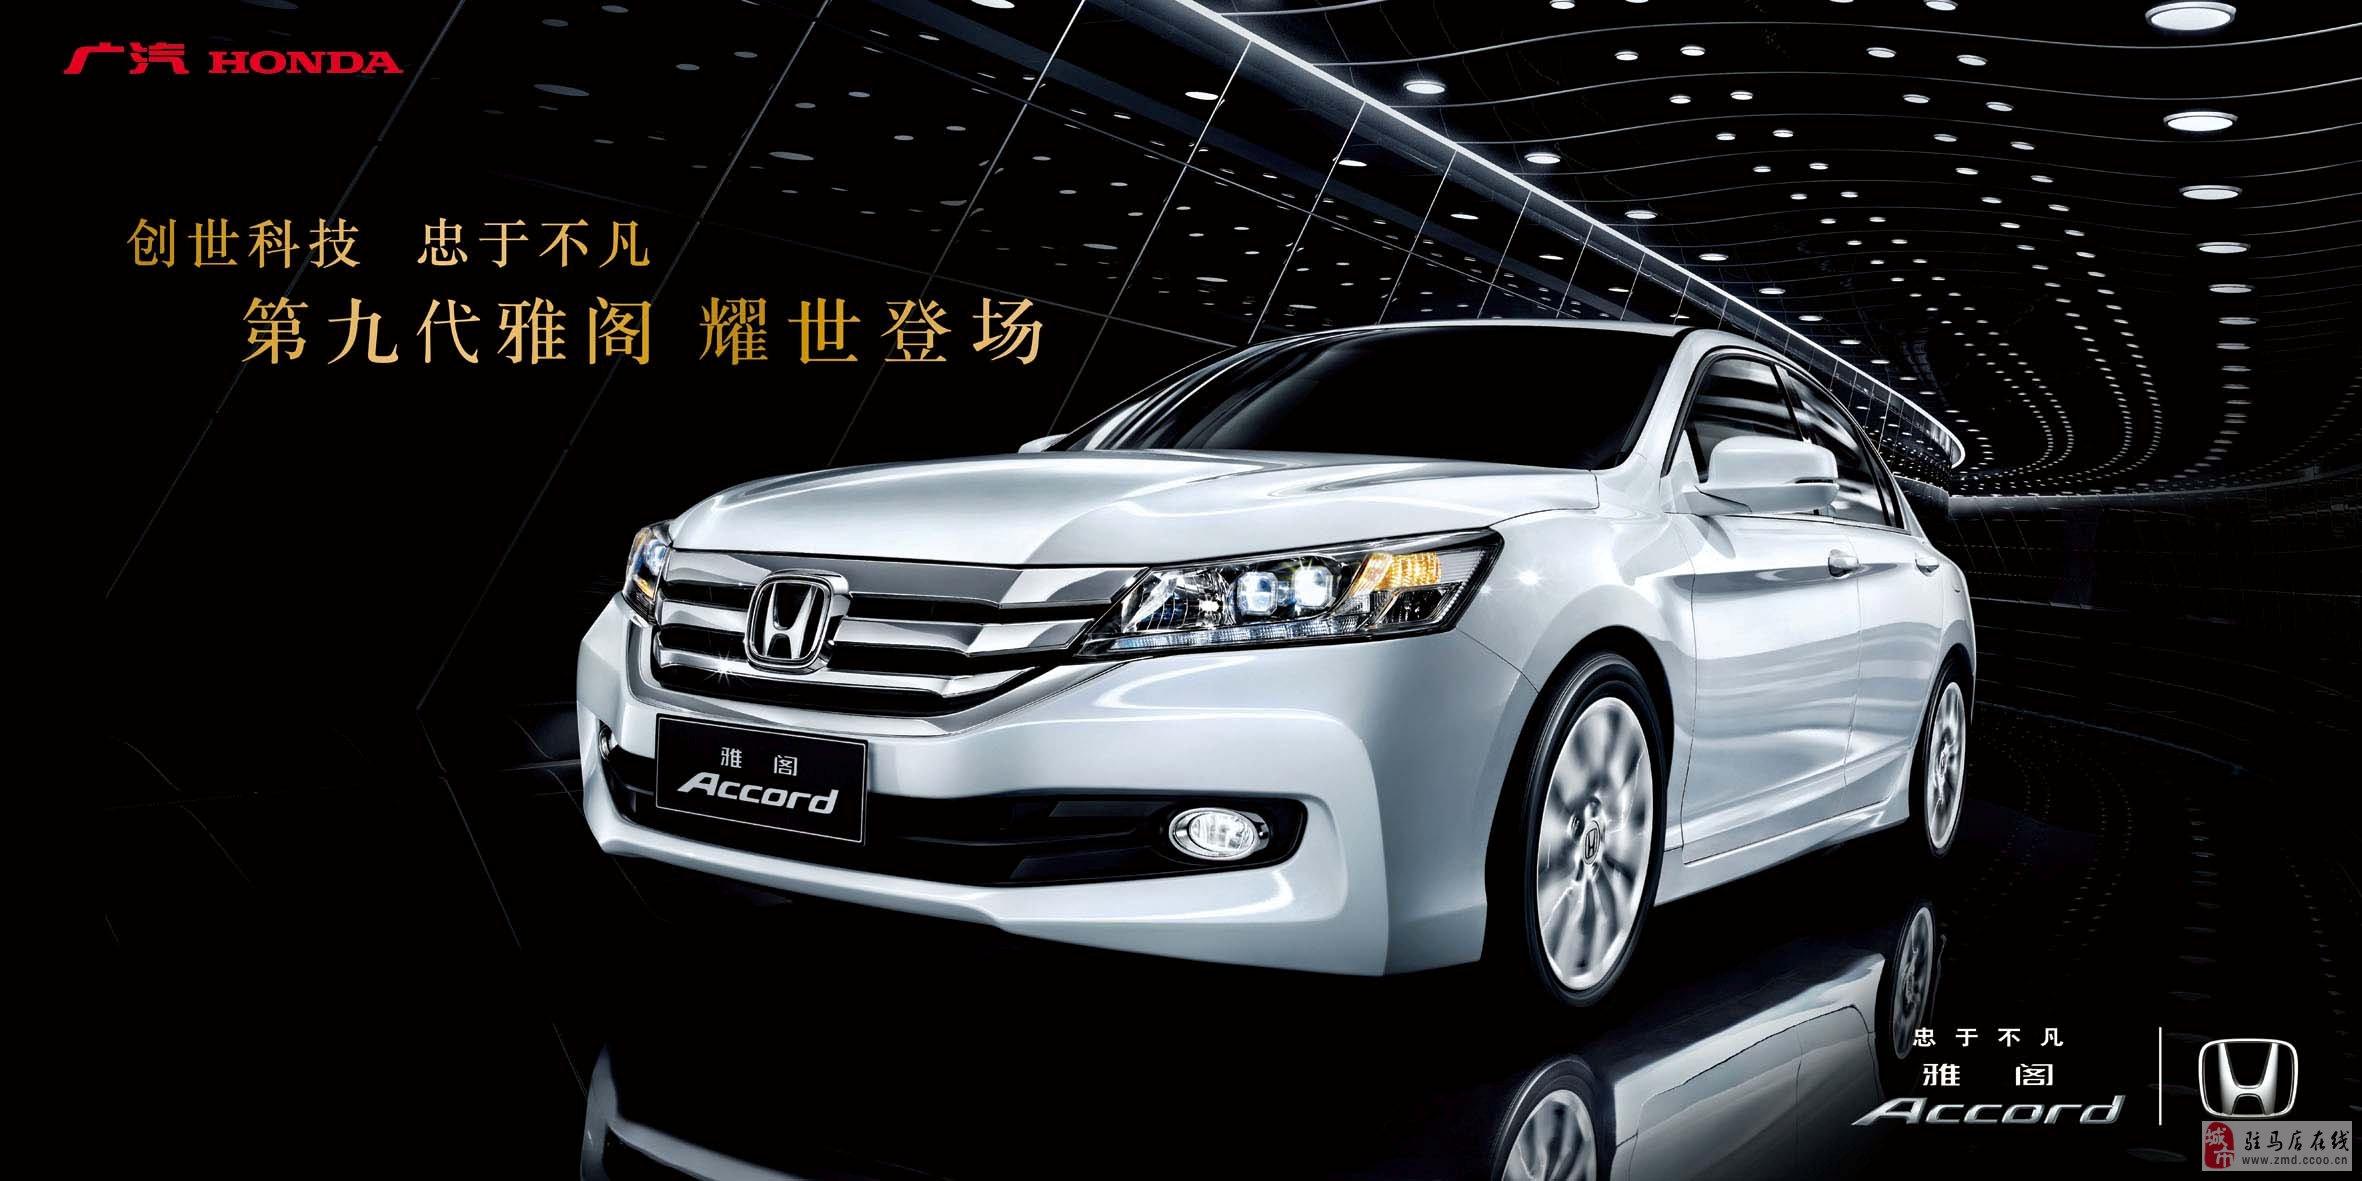 16款本田雅阁报价 新雅阁北京最新价格低价销售